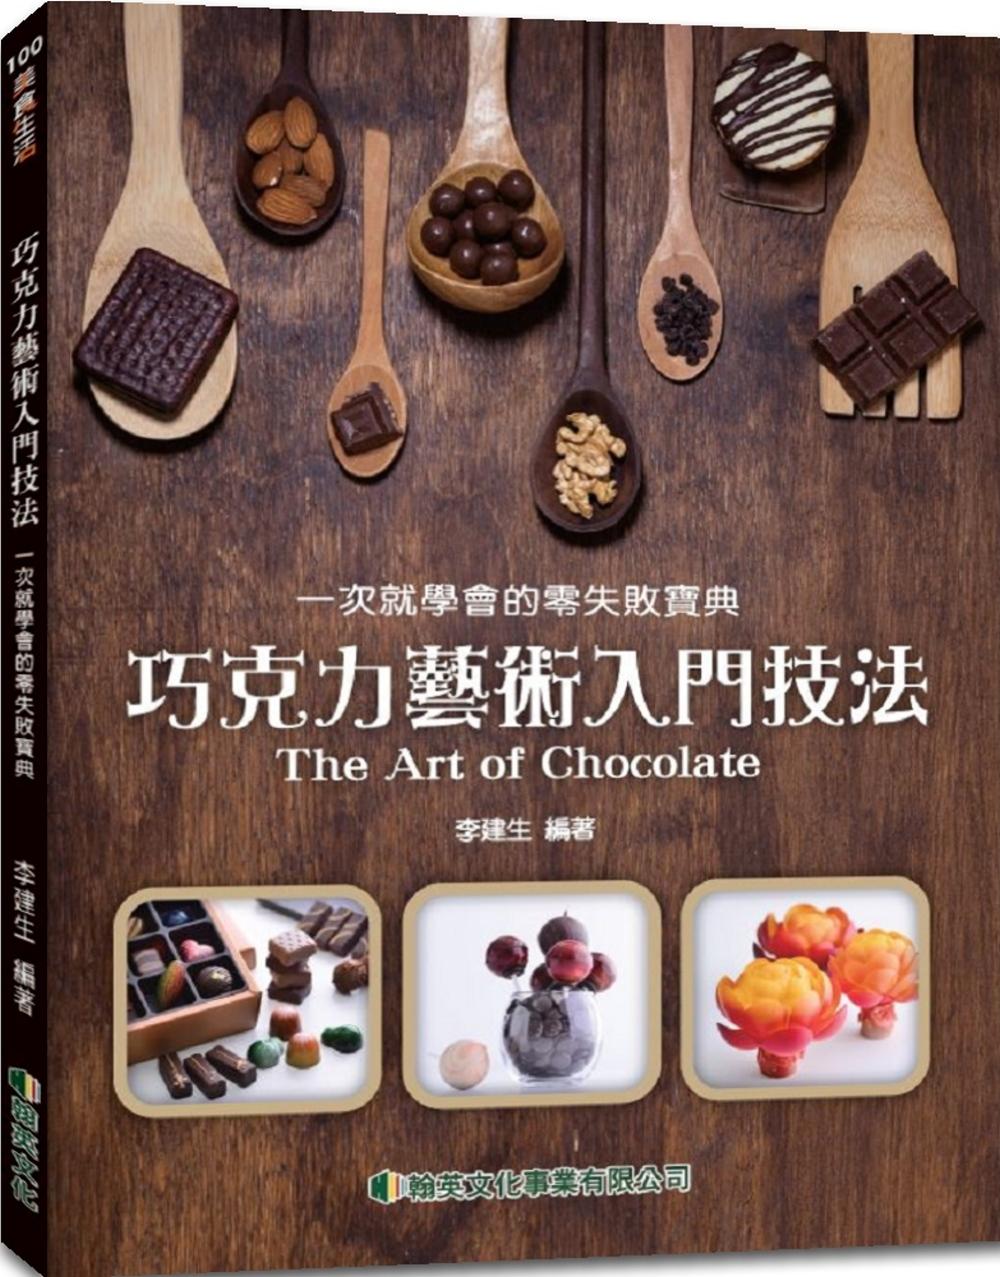 巧克力藝術入門技法:一次就學會...